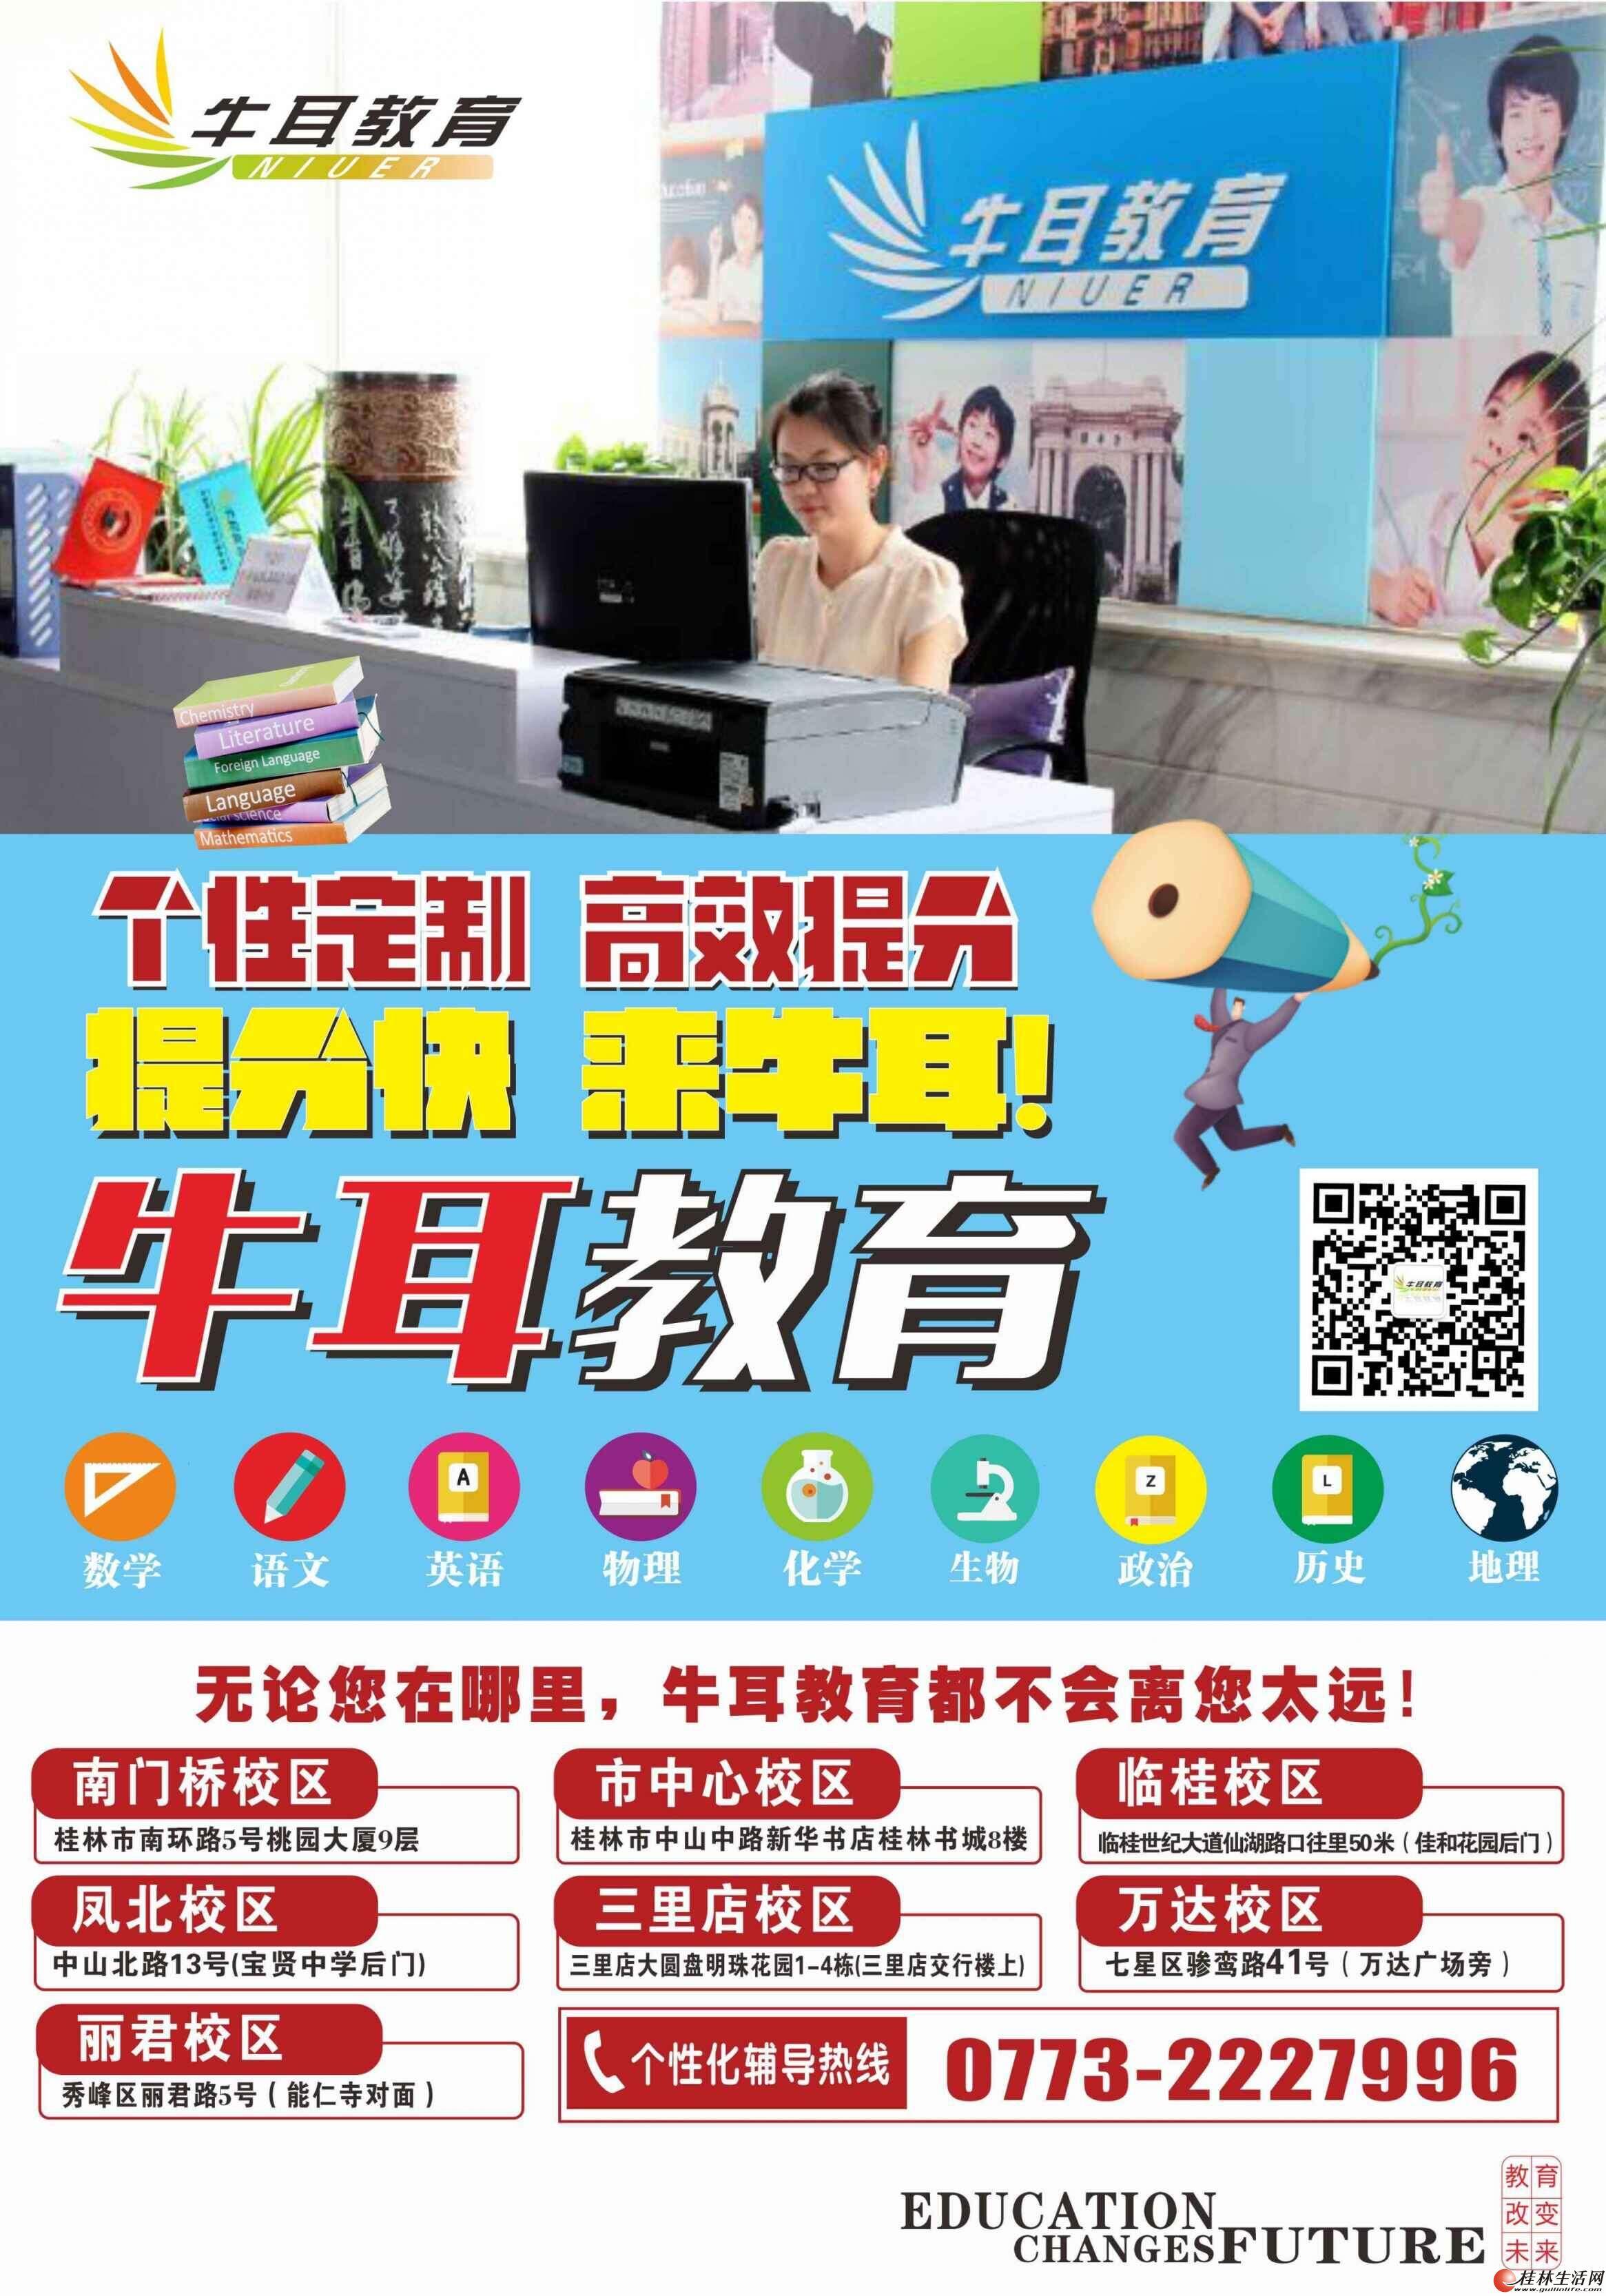 桂林暑假辅导哪里好?牛耳教育怎么样?